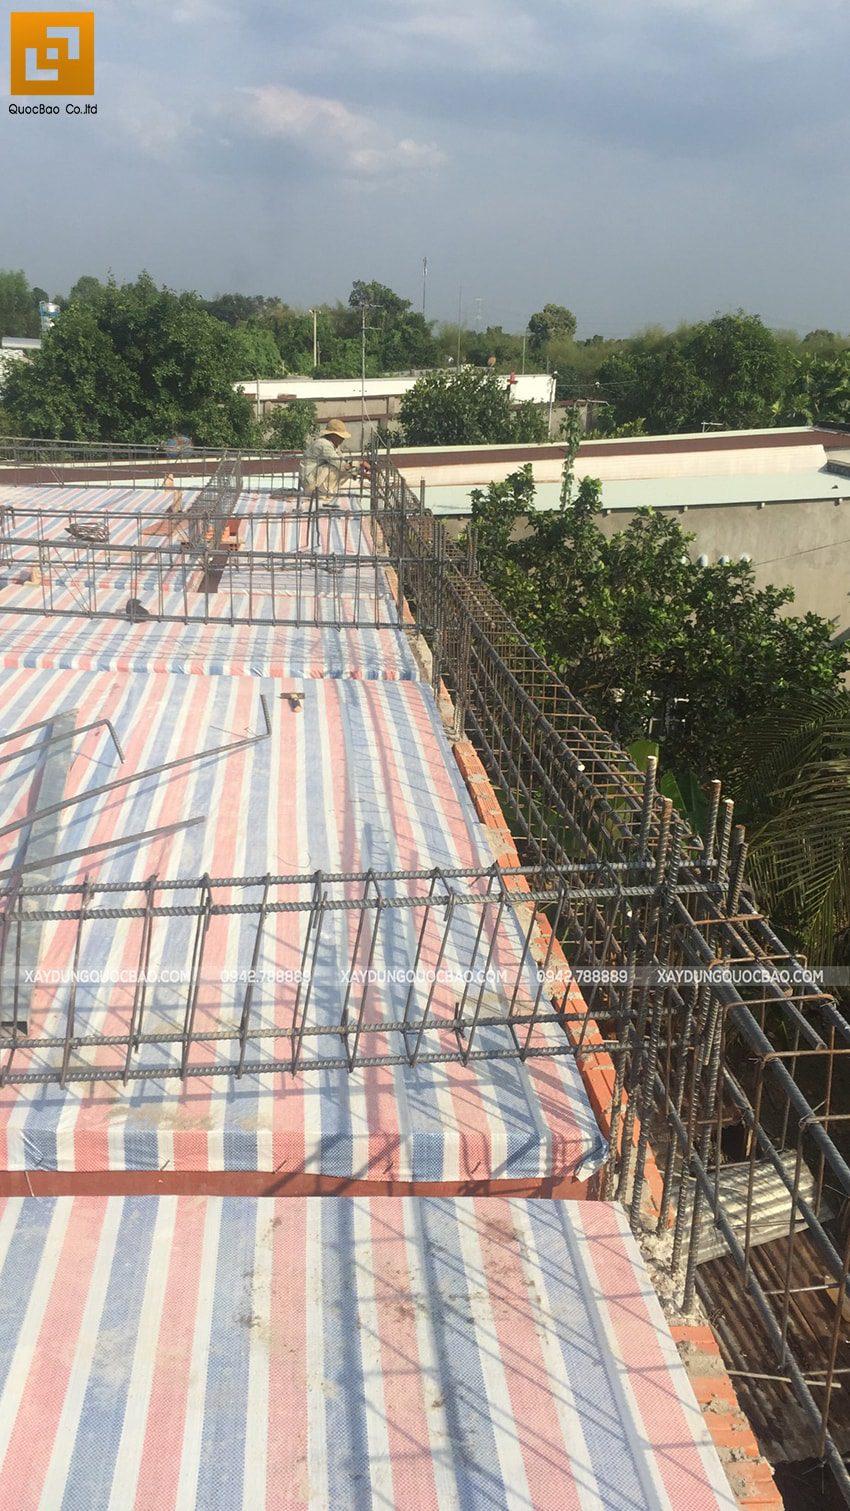 Thi công phần thô lầu 1 nhà mái thái tại Bình Dương - Ảnh 2